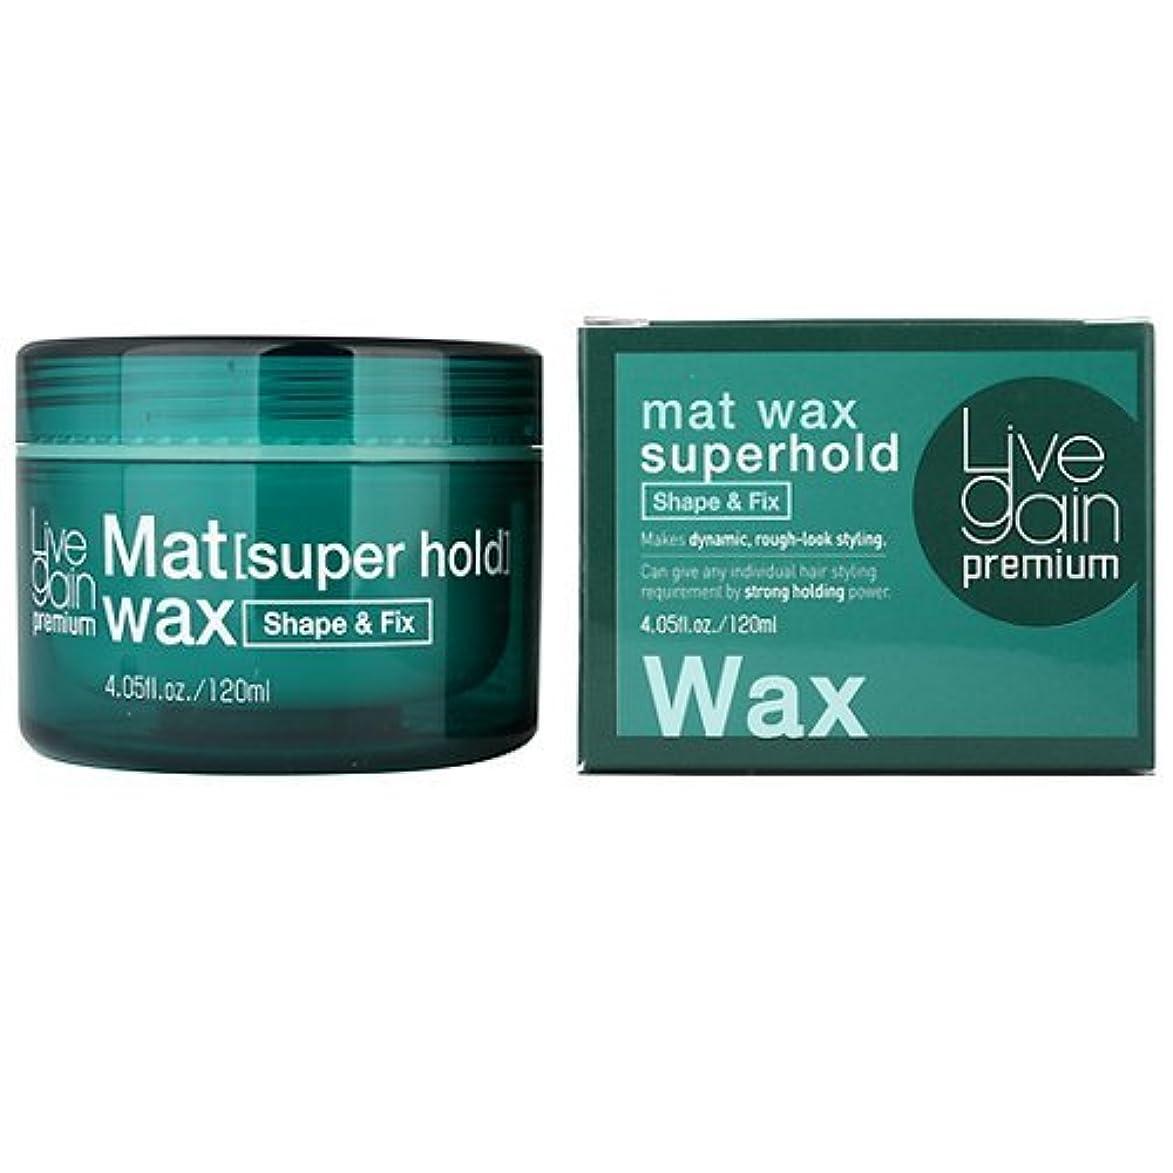 規則性トロイの木馬足首Livegain プレミアム マット ワックス スーパーホールド 120ml マット ヘア ワックス ストロング ホールド (Premium Mat Wax Superhold 120ml Matte Hair wax...